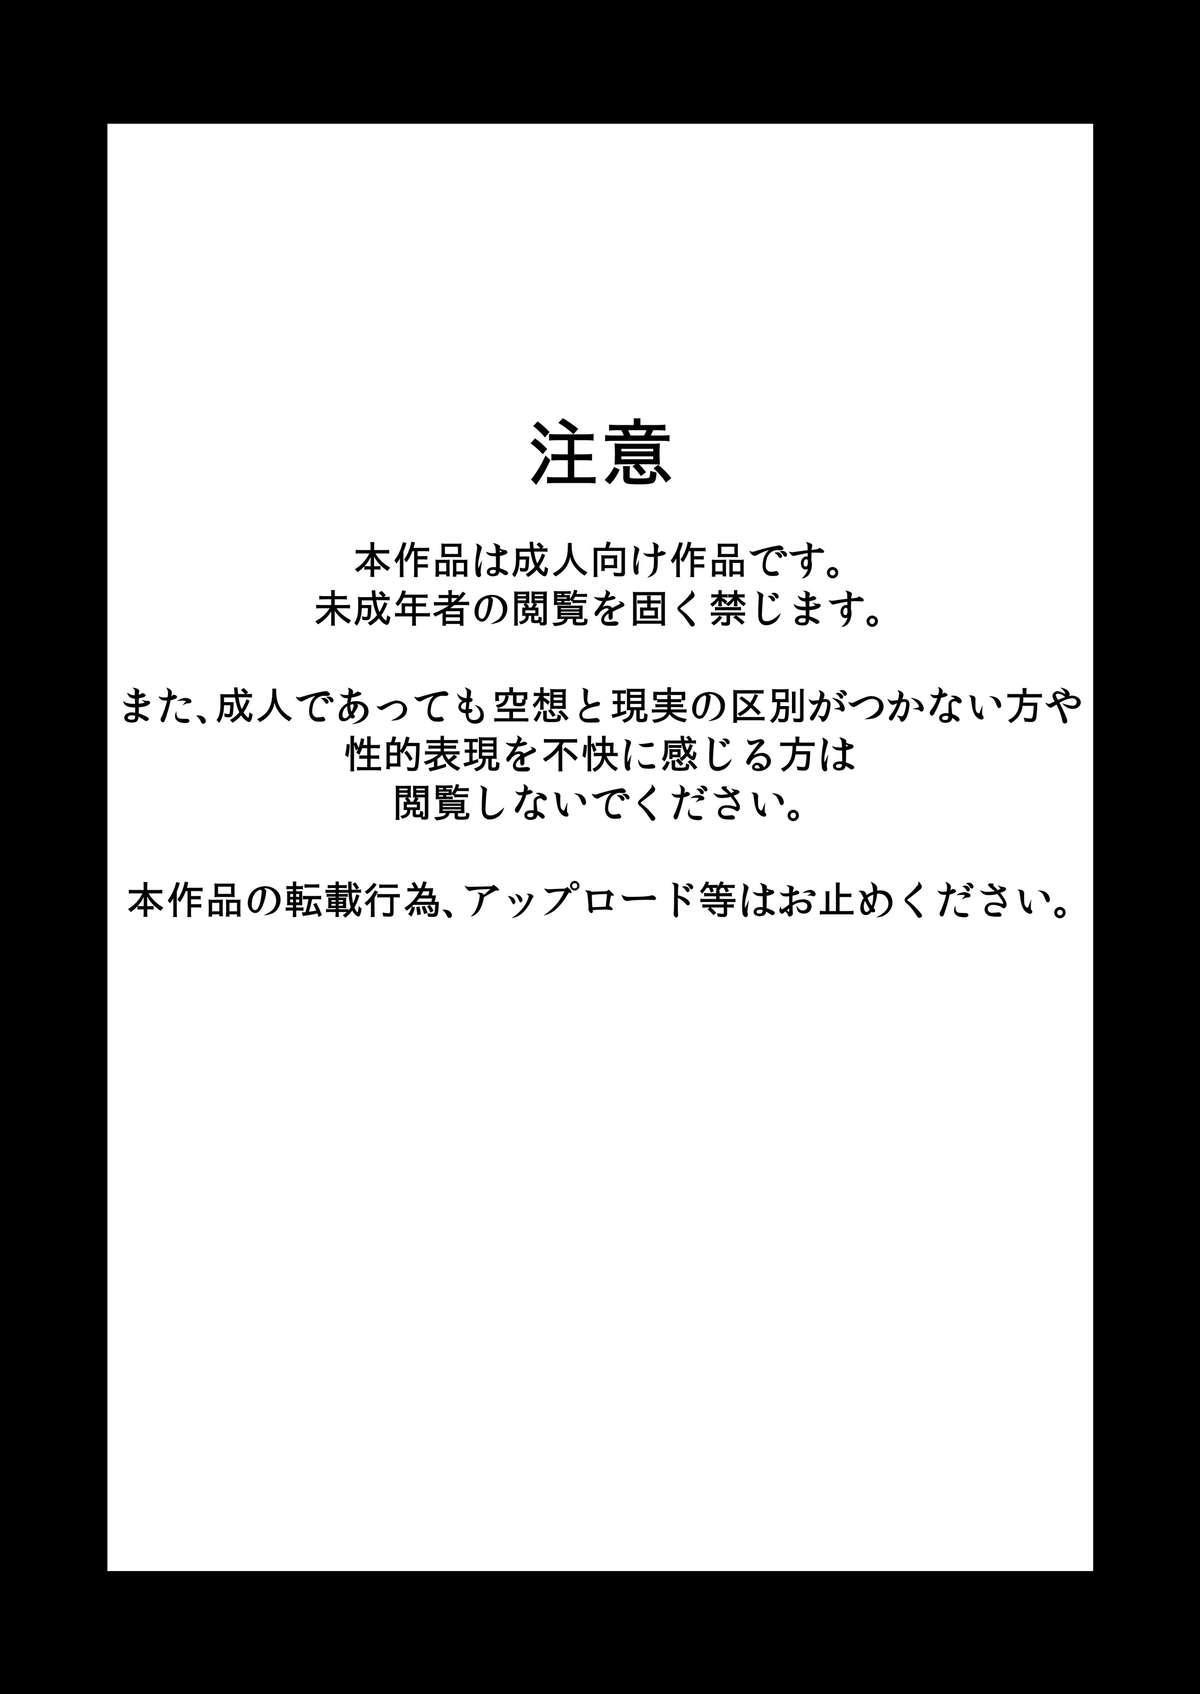 Musume no Koibito to Sex shichatta Mama. 1